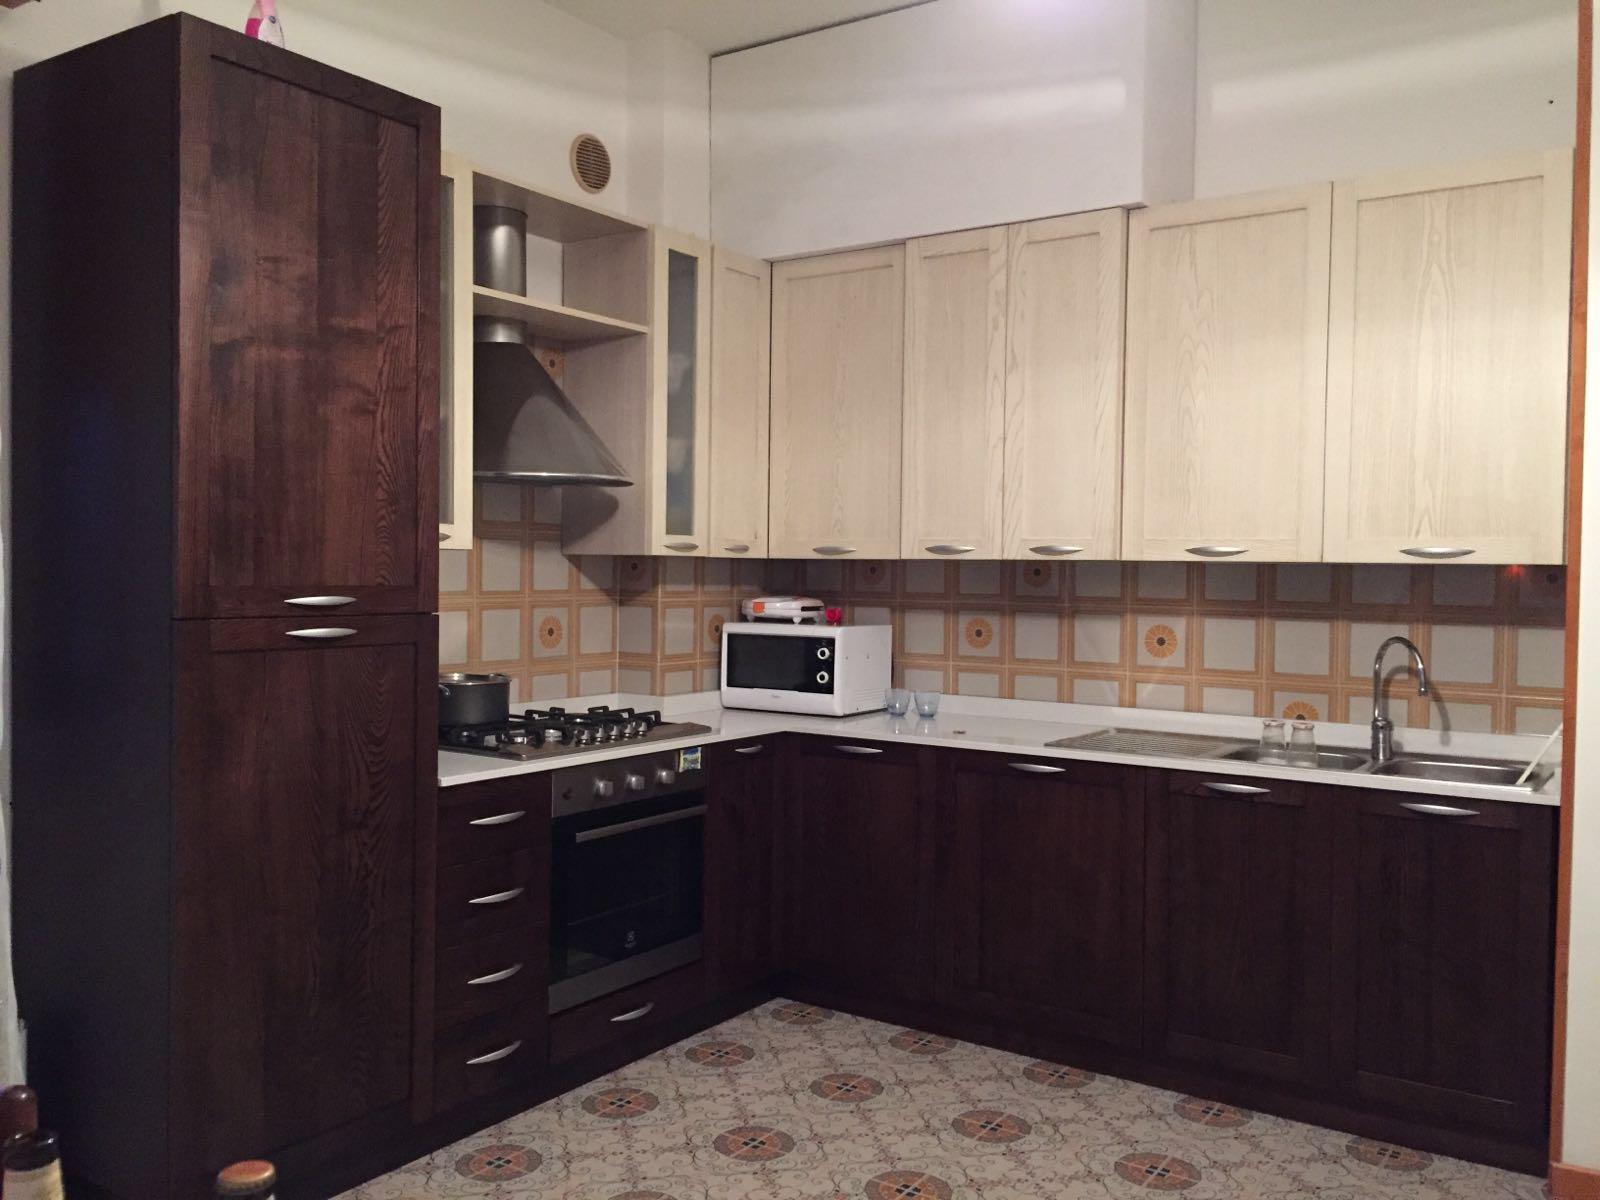 Cucina usata roma for Cucina moderna usata roma